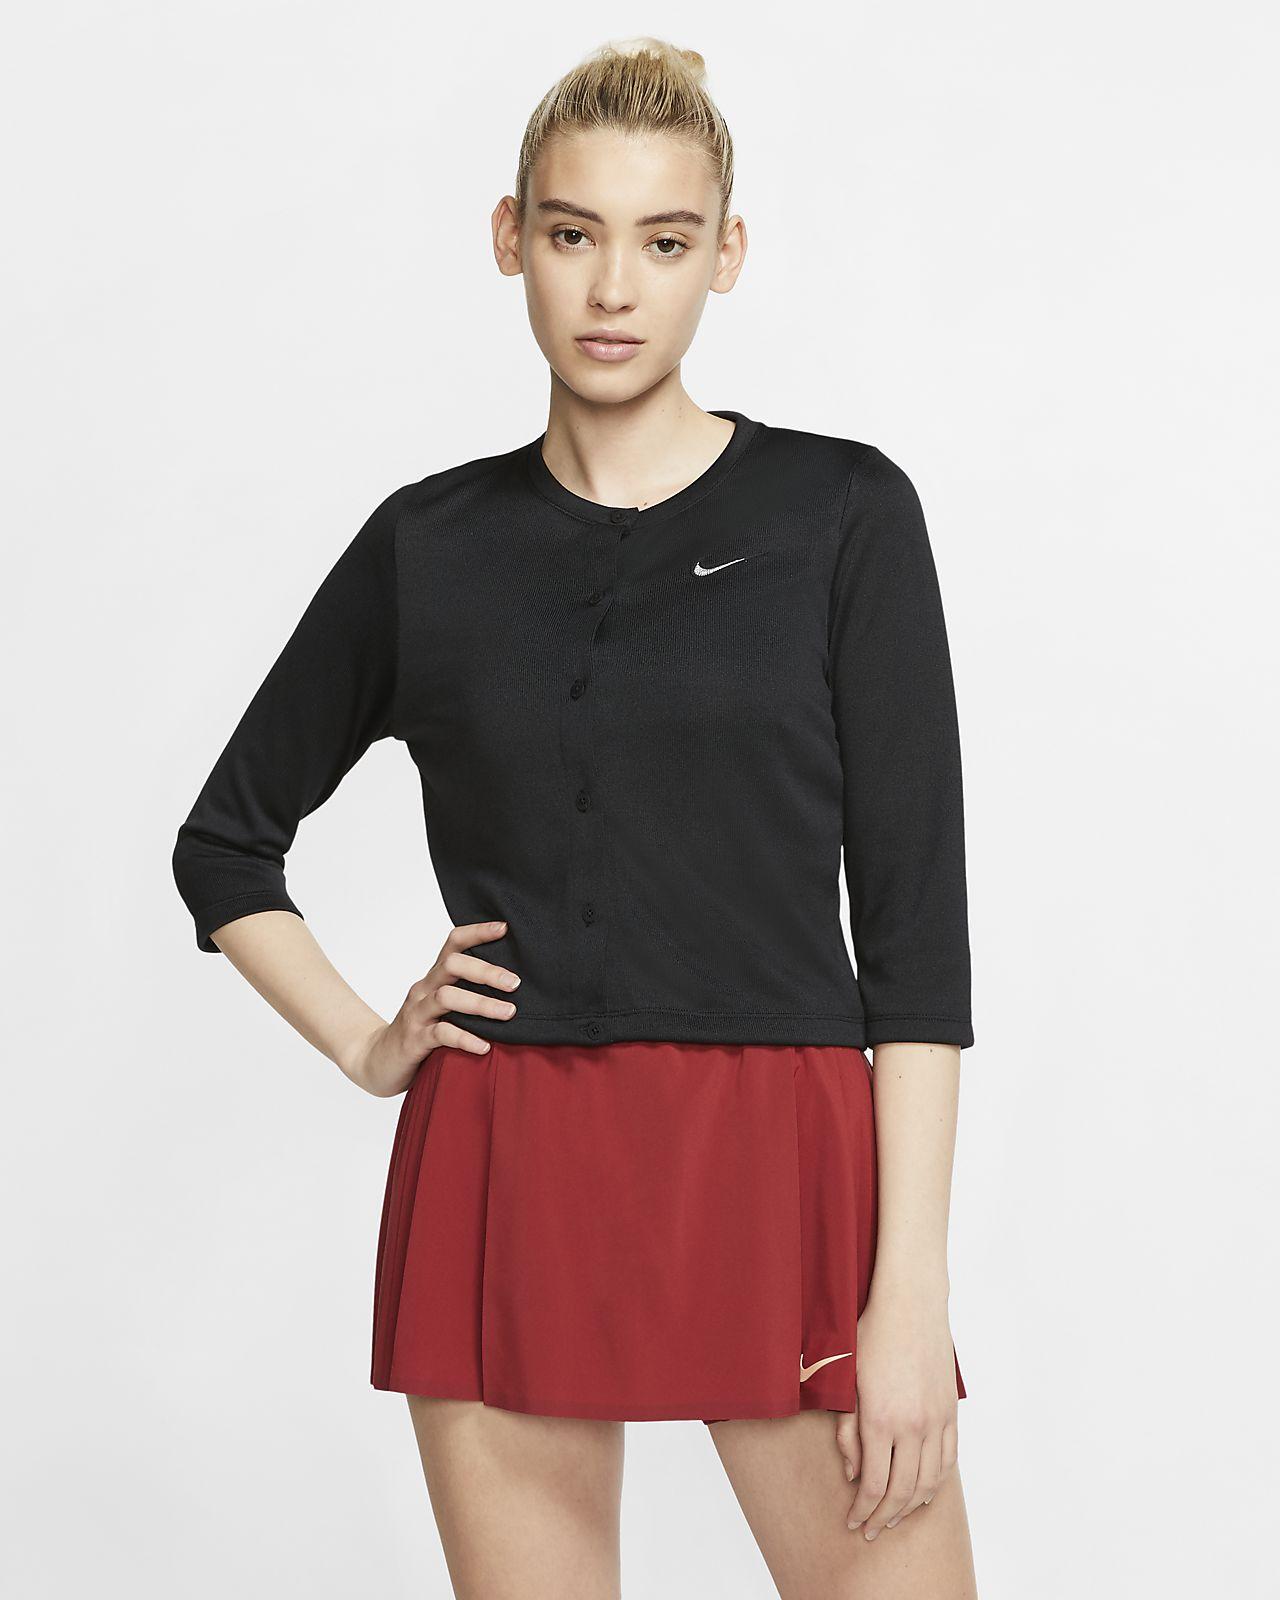 NikeCourt Tennisvest voor dames